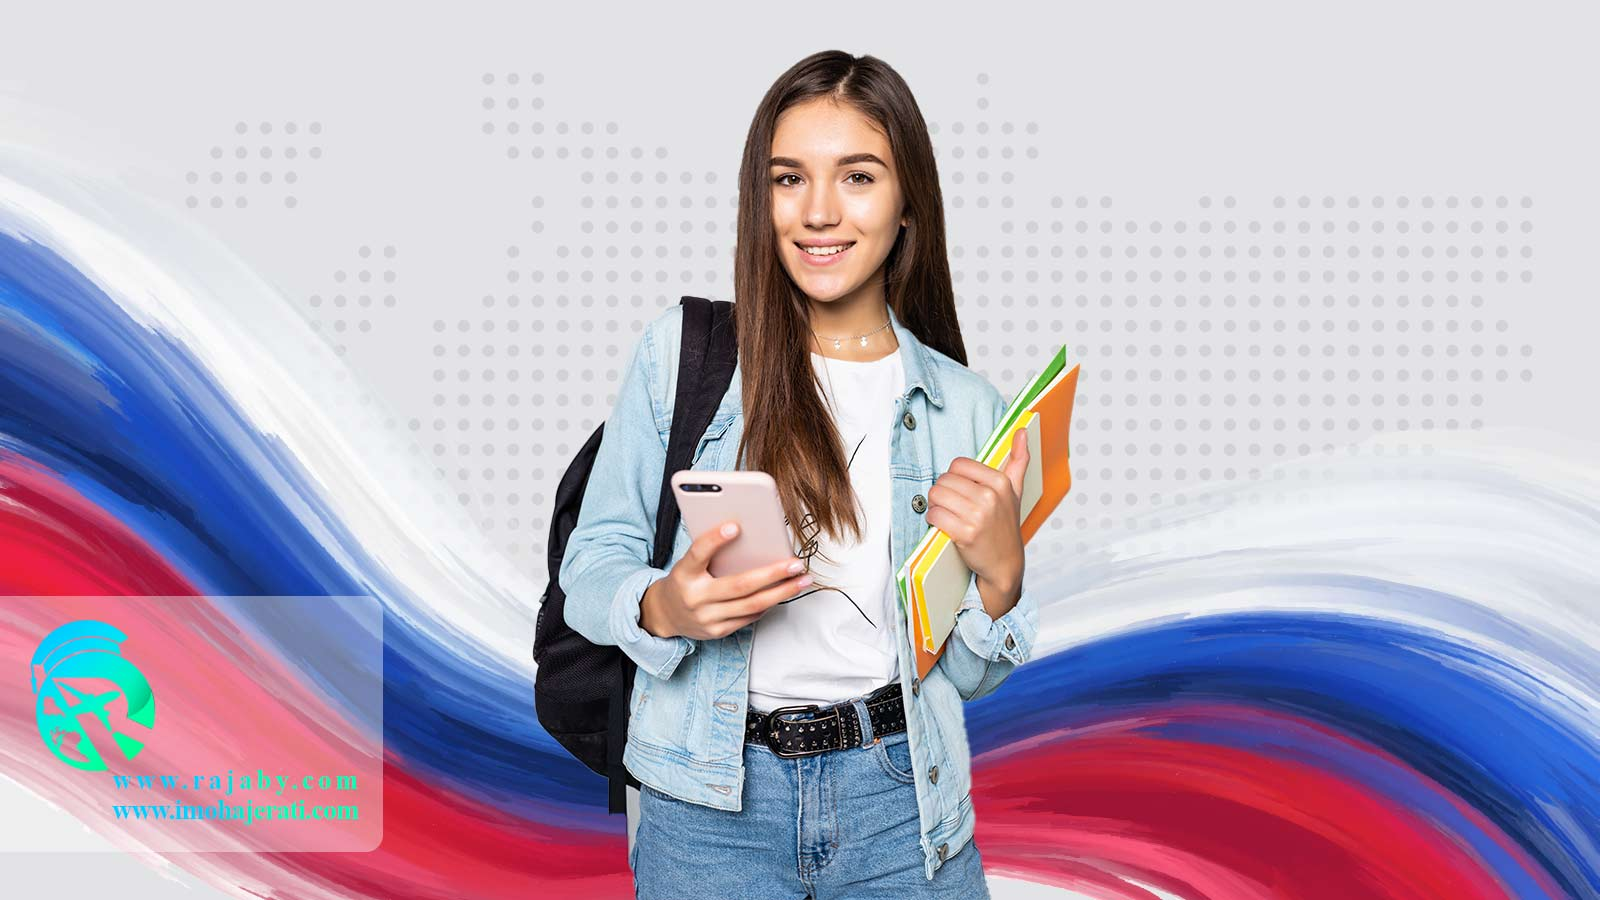 مزایا و معایب تحصیل در روسیه